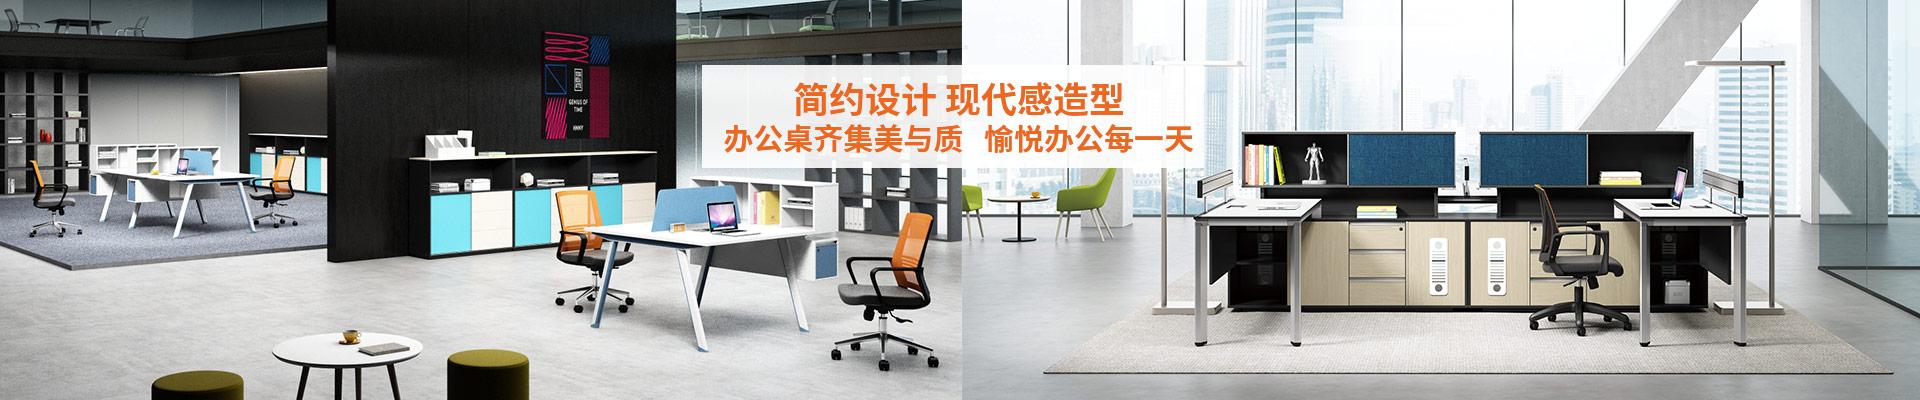 办公桌-简约设计,现代感造型